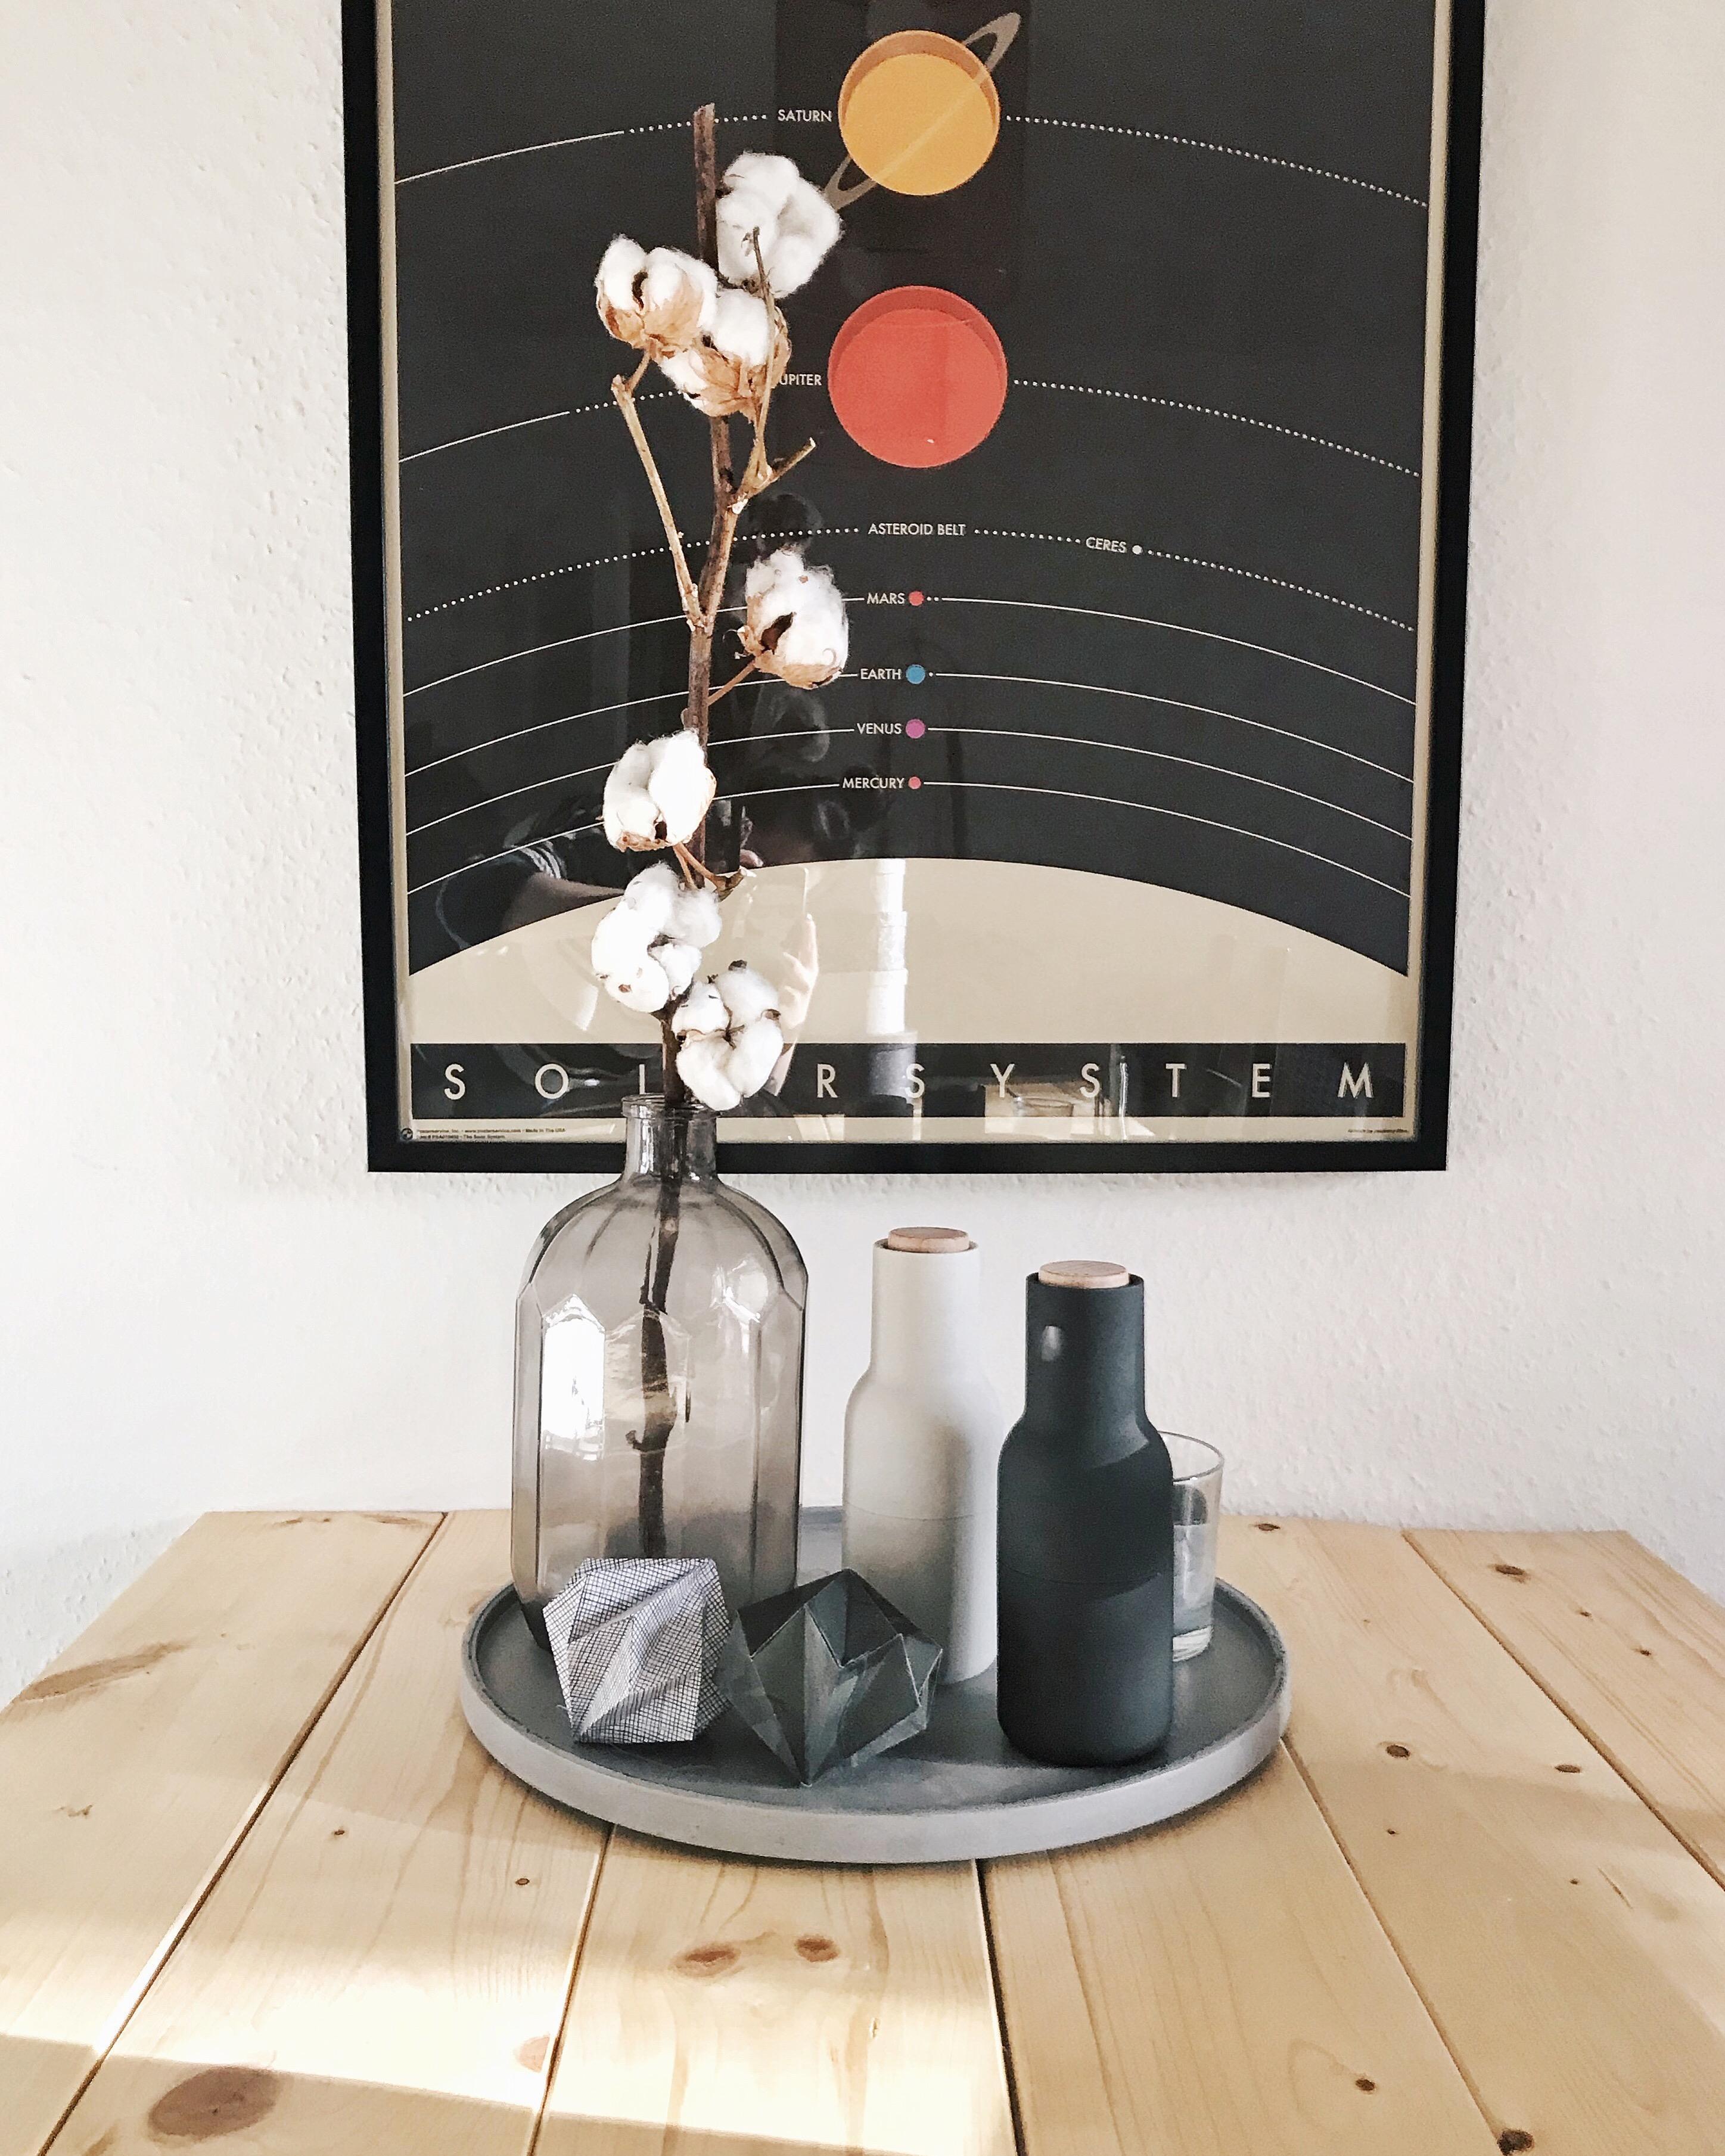 ich liebe baumwolle als winterdeko esszimmerdeko esszimmer winterdeko menu origami esstisch 68aef07c 08a5 4dd8 b7ba dfaeb13874f1